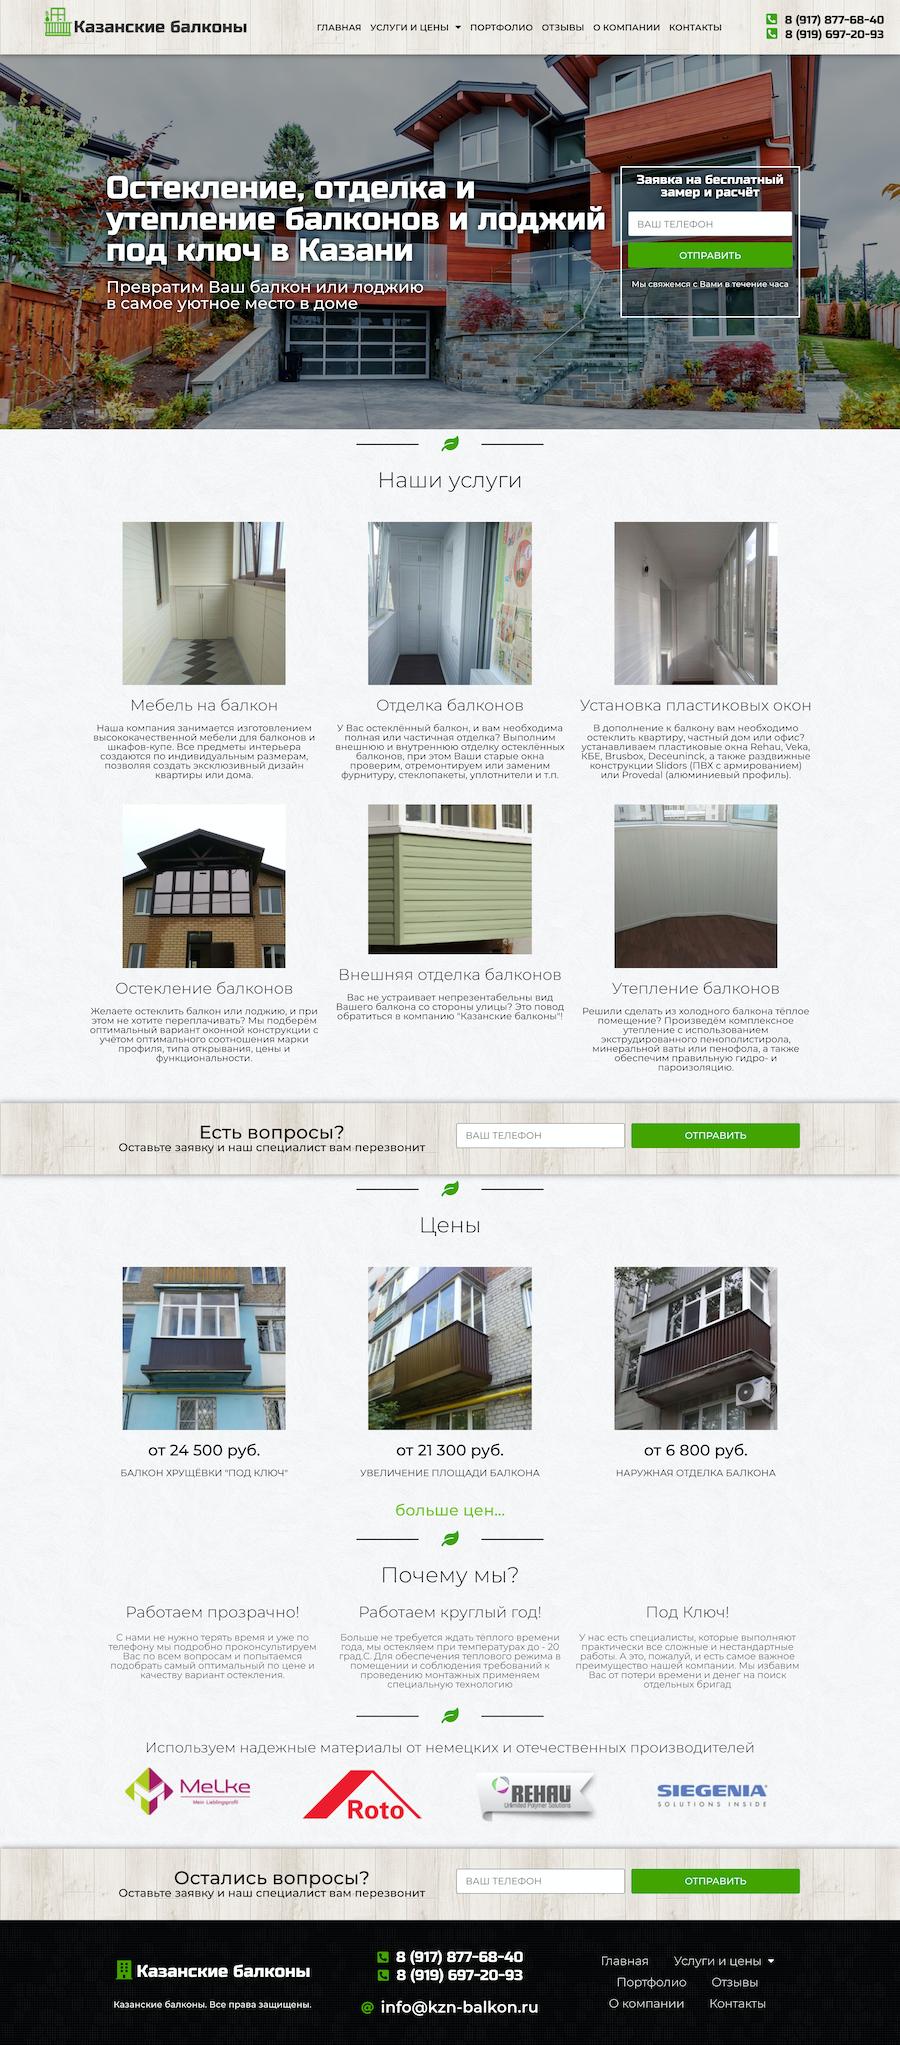 Остекление, отделка и утепление балконов и лоджий под ключ в Казани